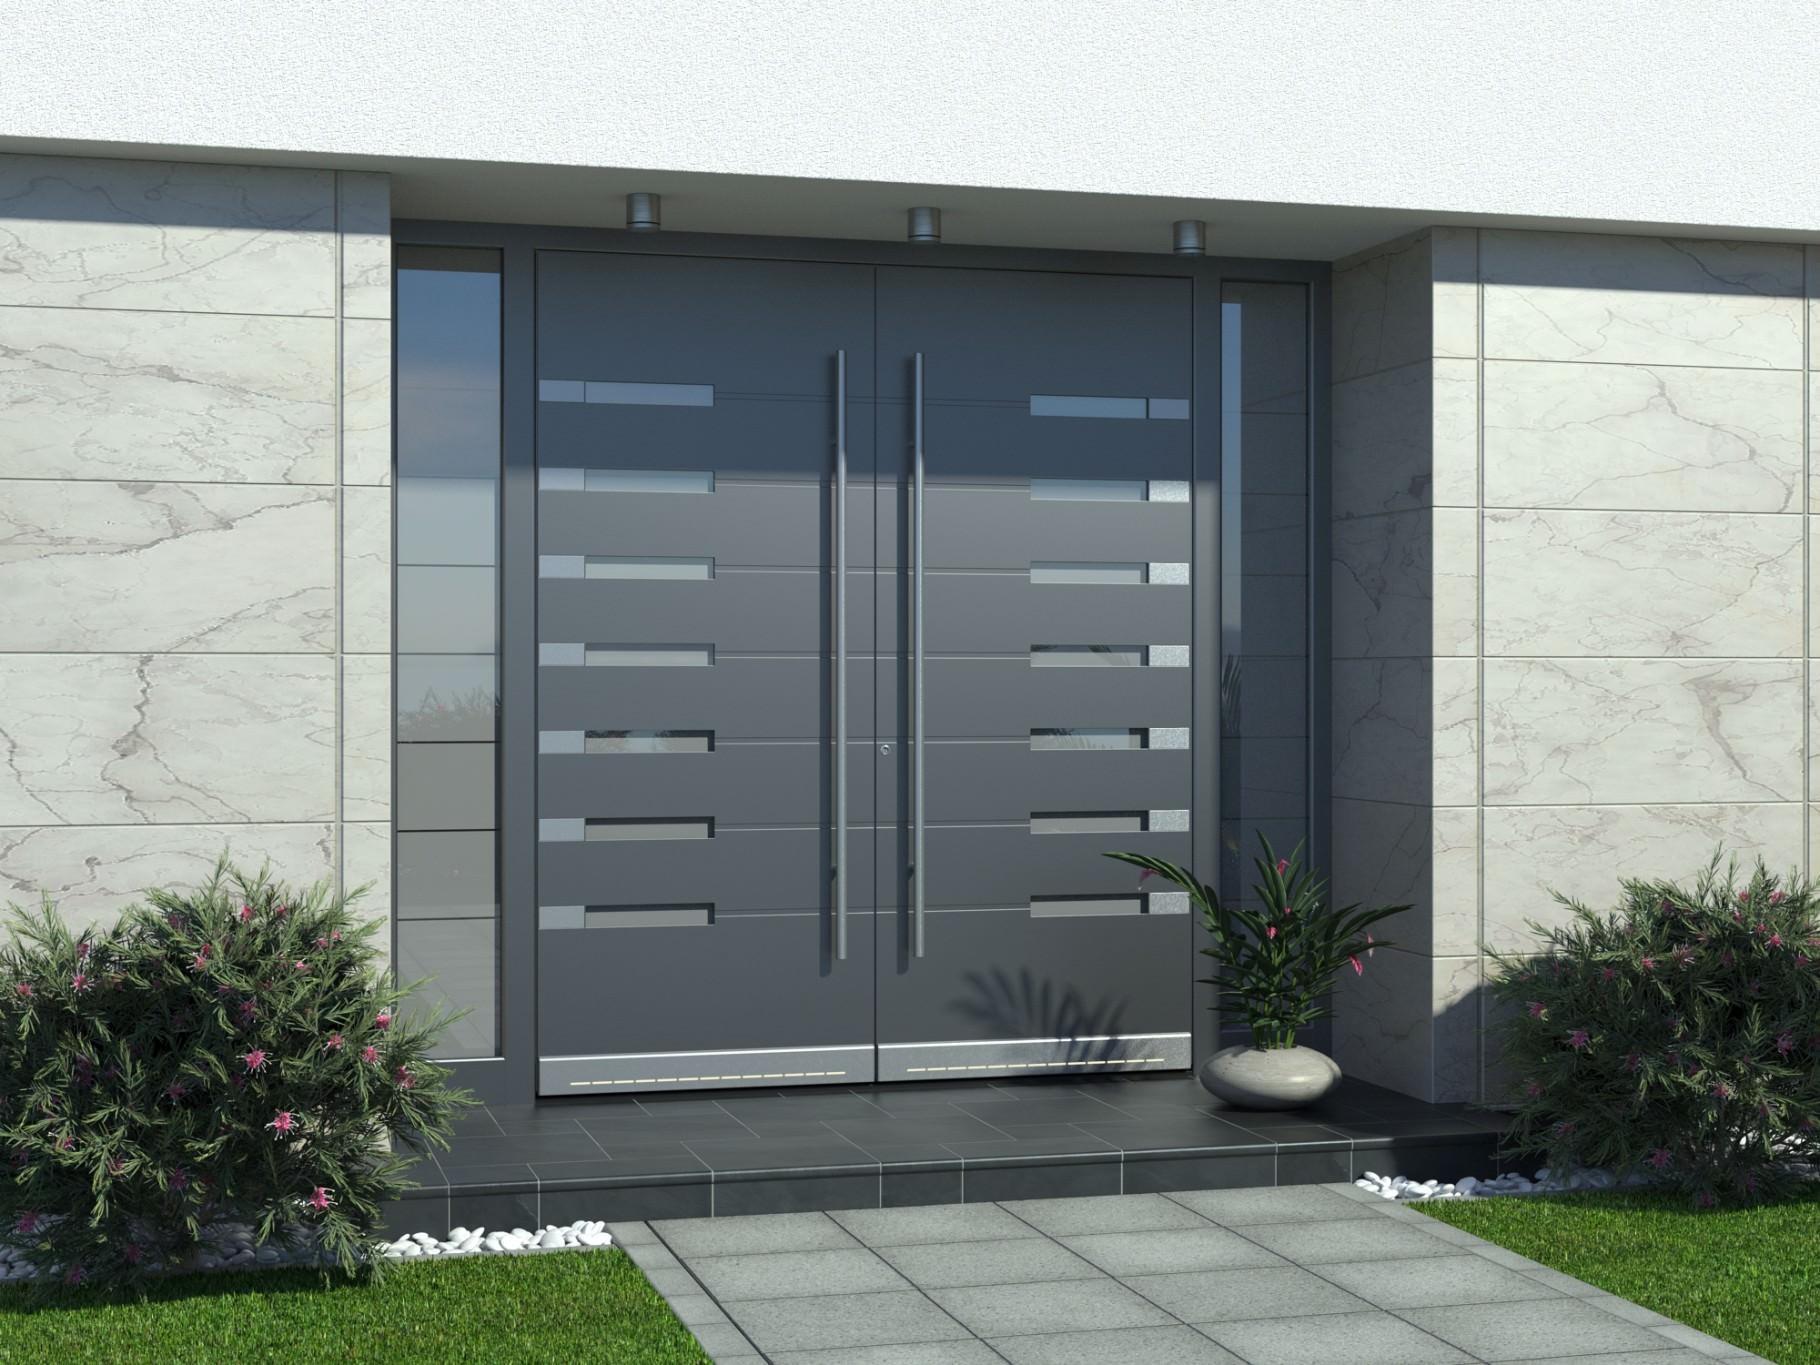 Alu vhodna vrata za hišo